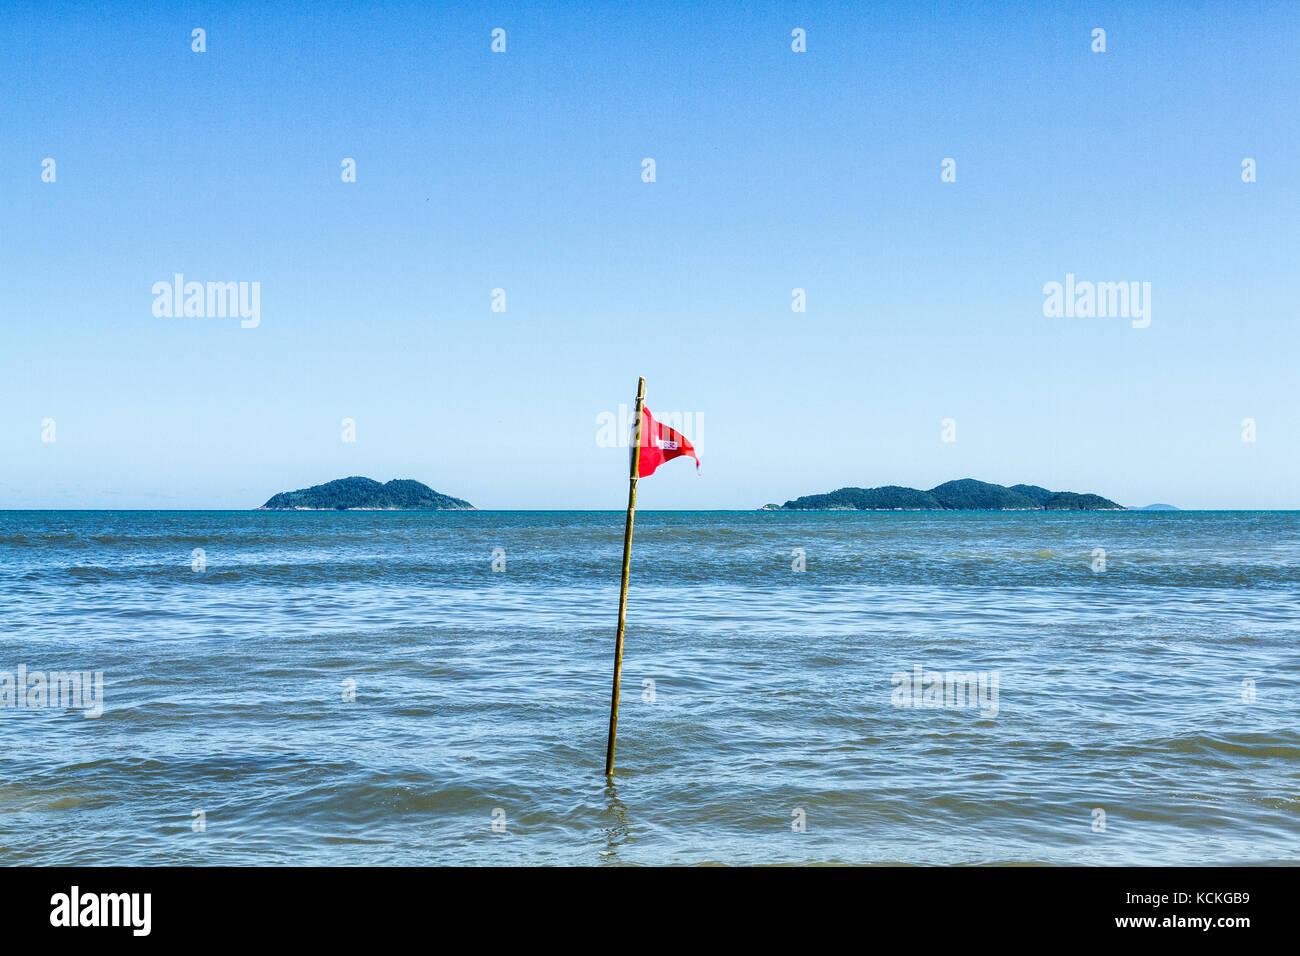 Condizioni pericolose segno in acores beach. florianopolis, Santa Catarina, Brasile. Immagini Stock